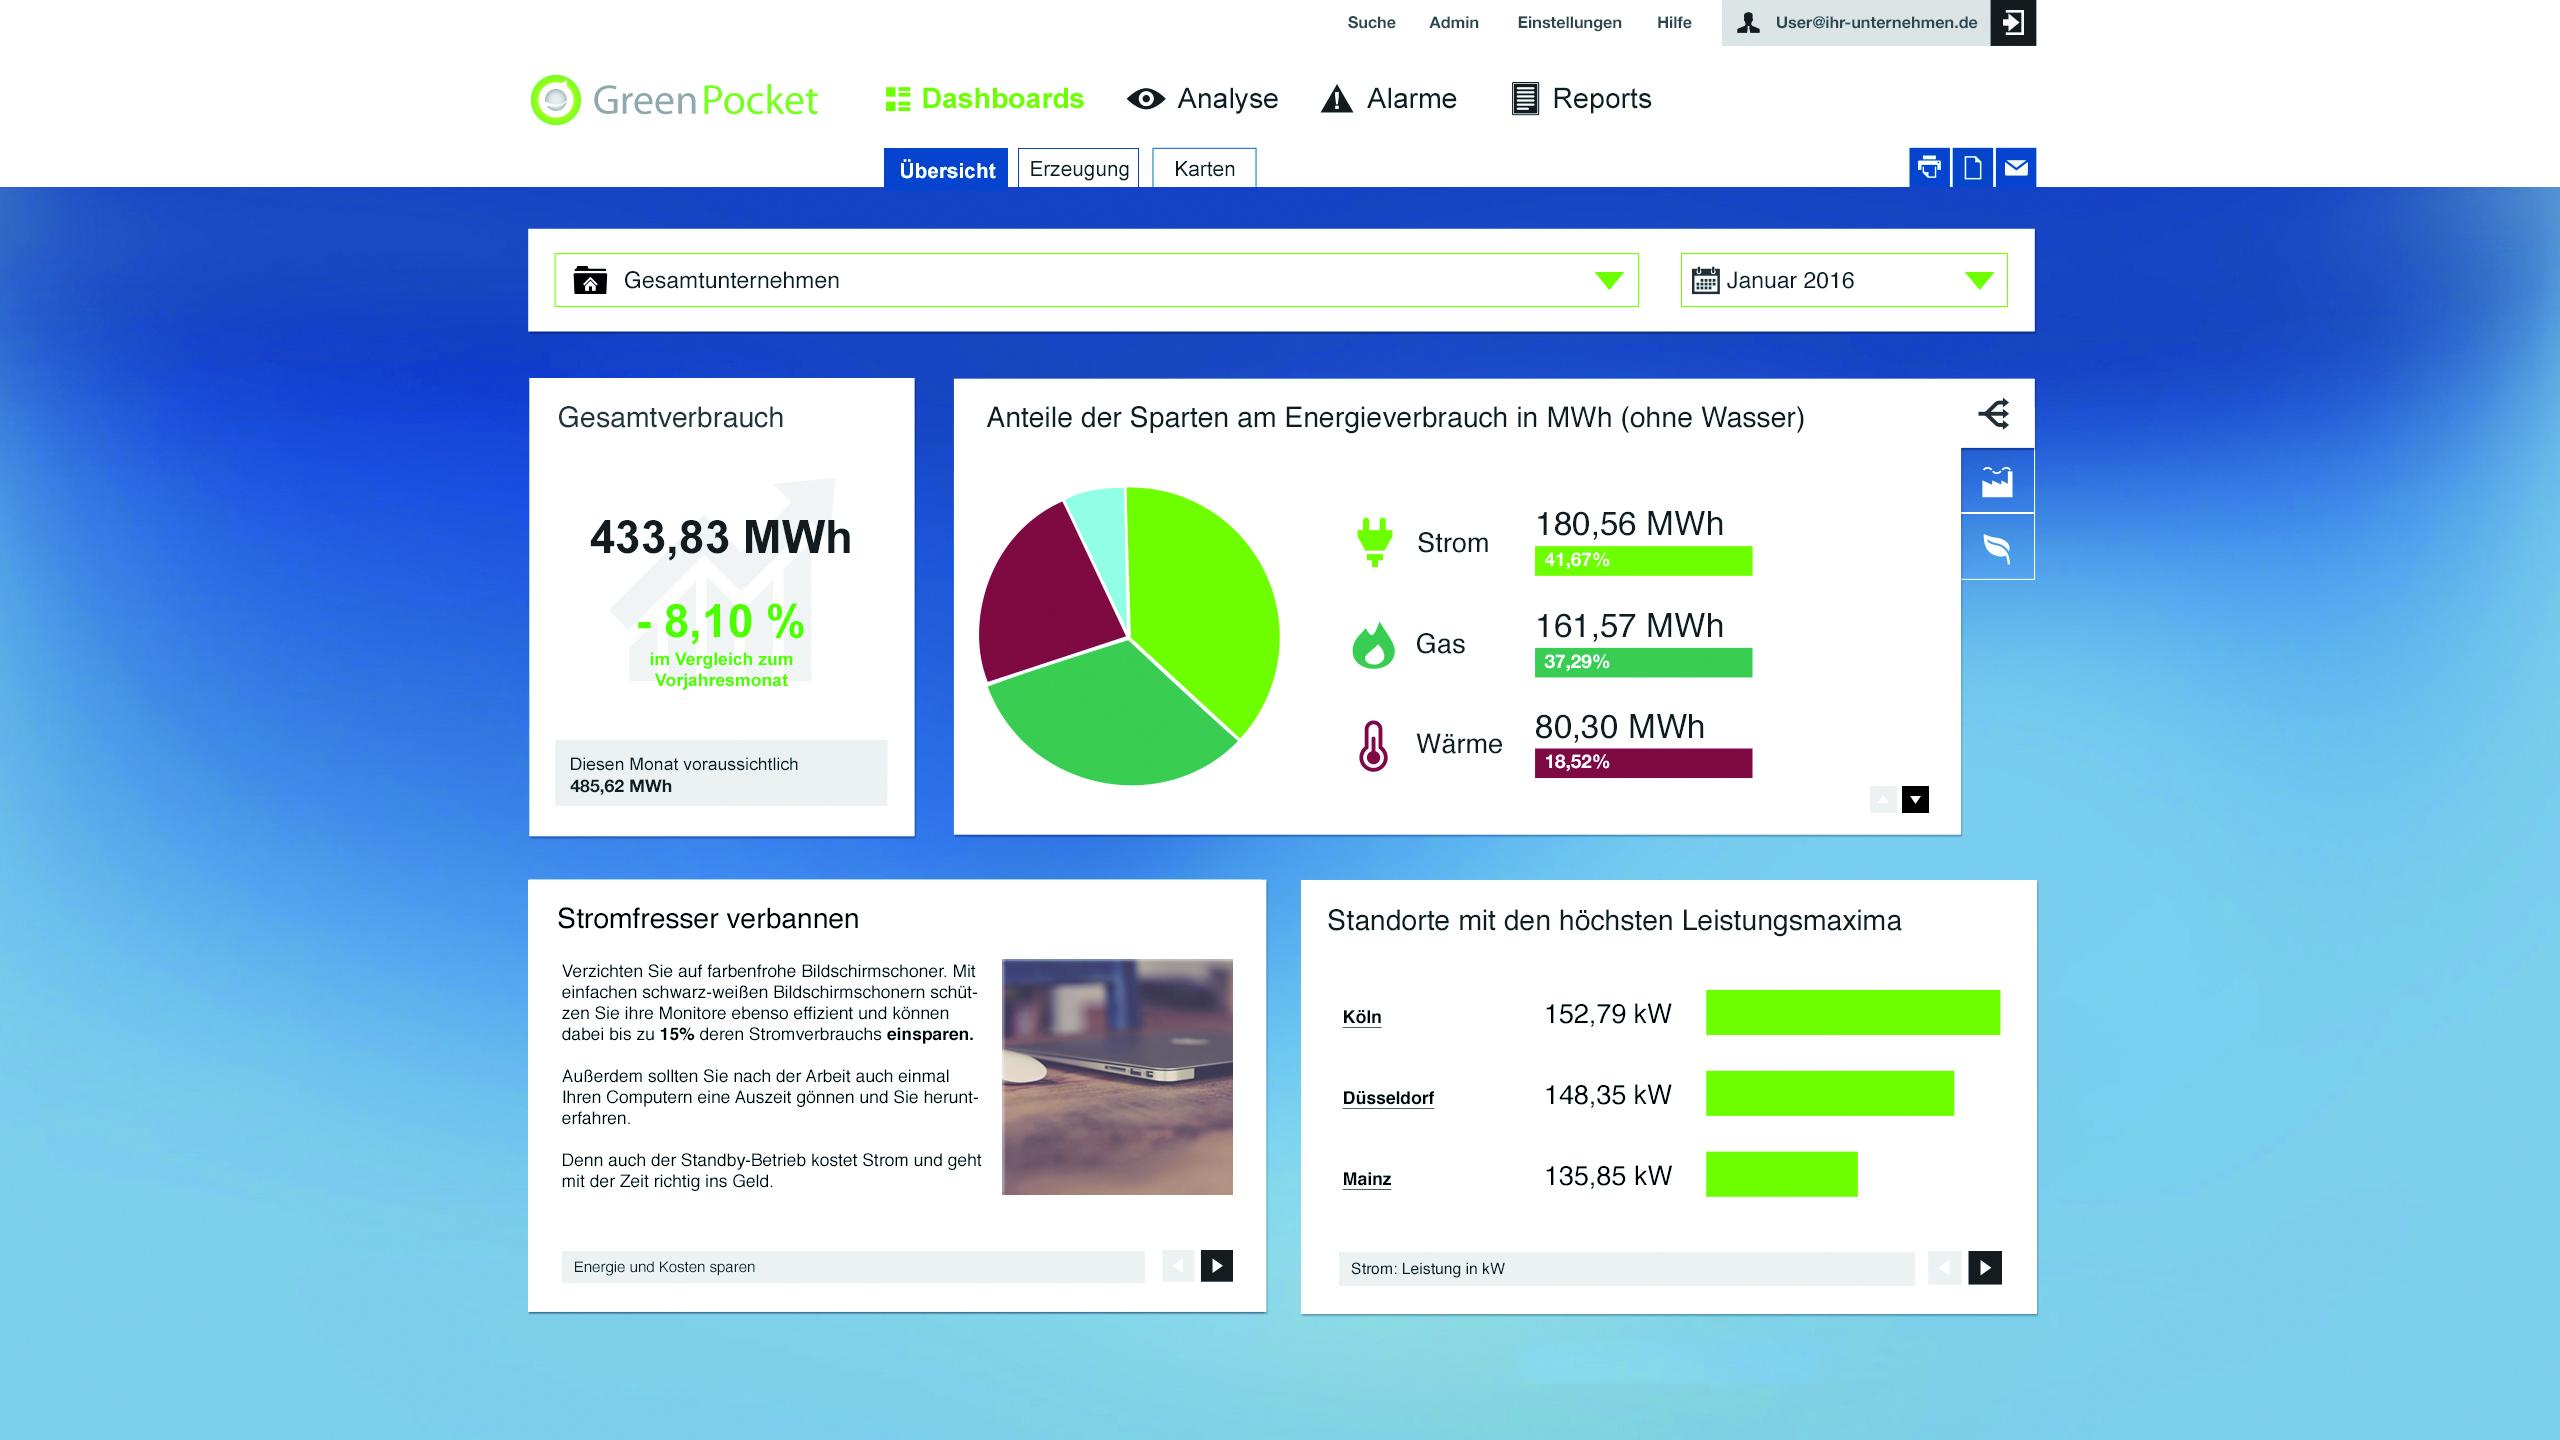 Visualisierung der Energiedaten im VOLTARIS Gewerbekunden-Portal